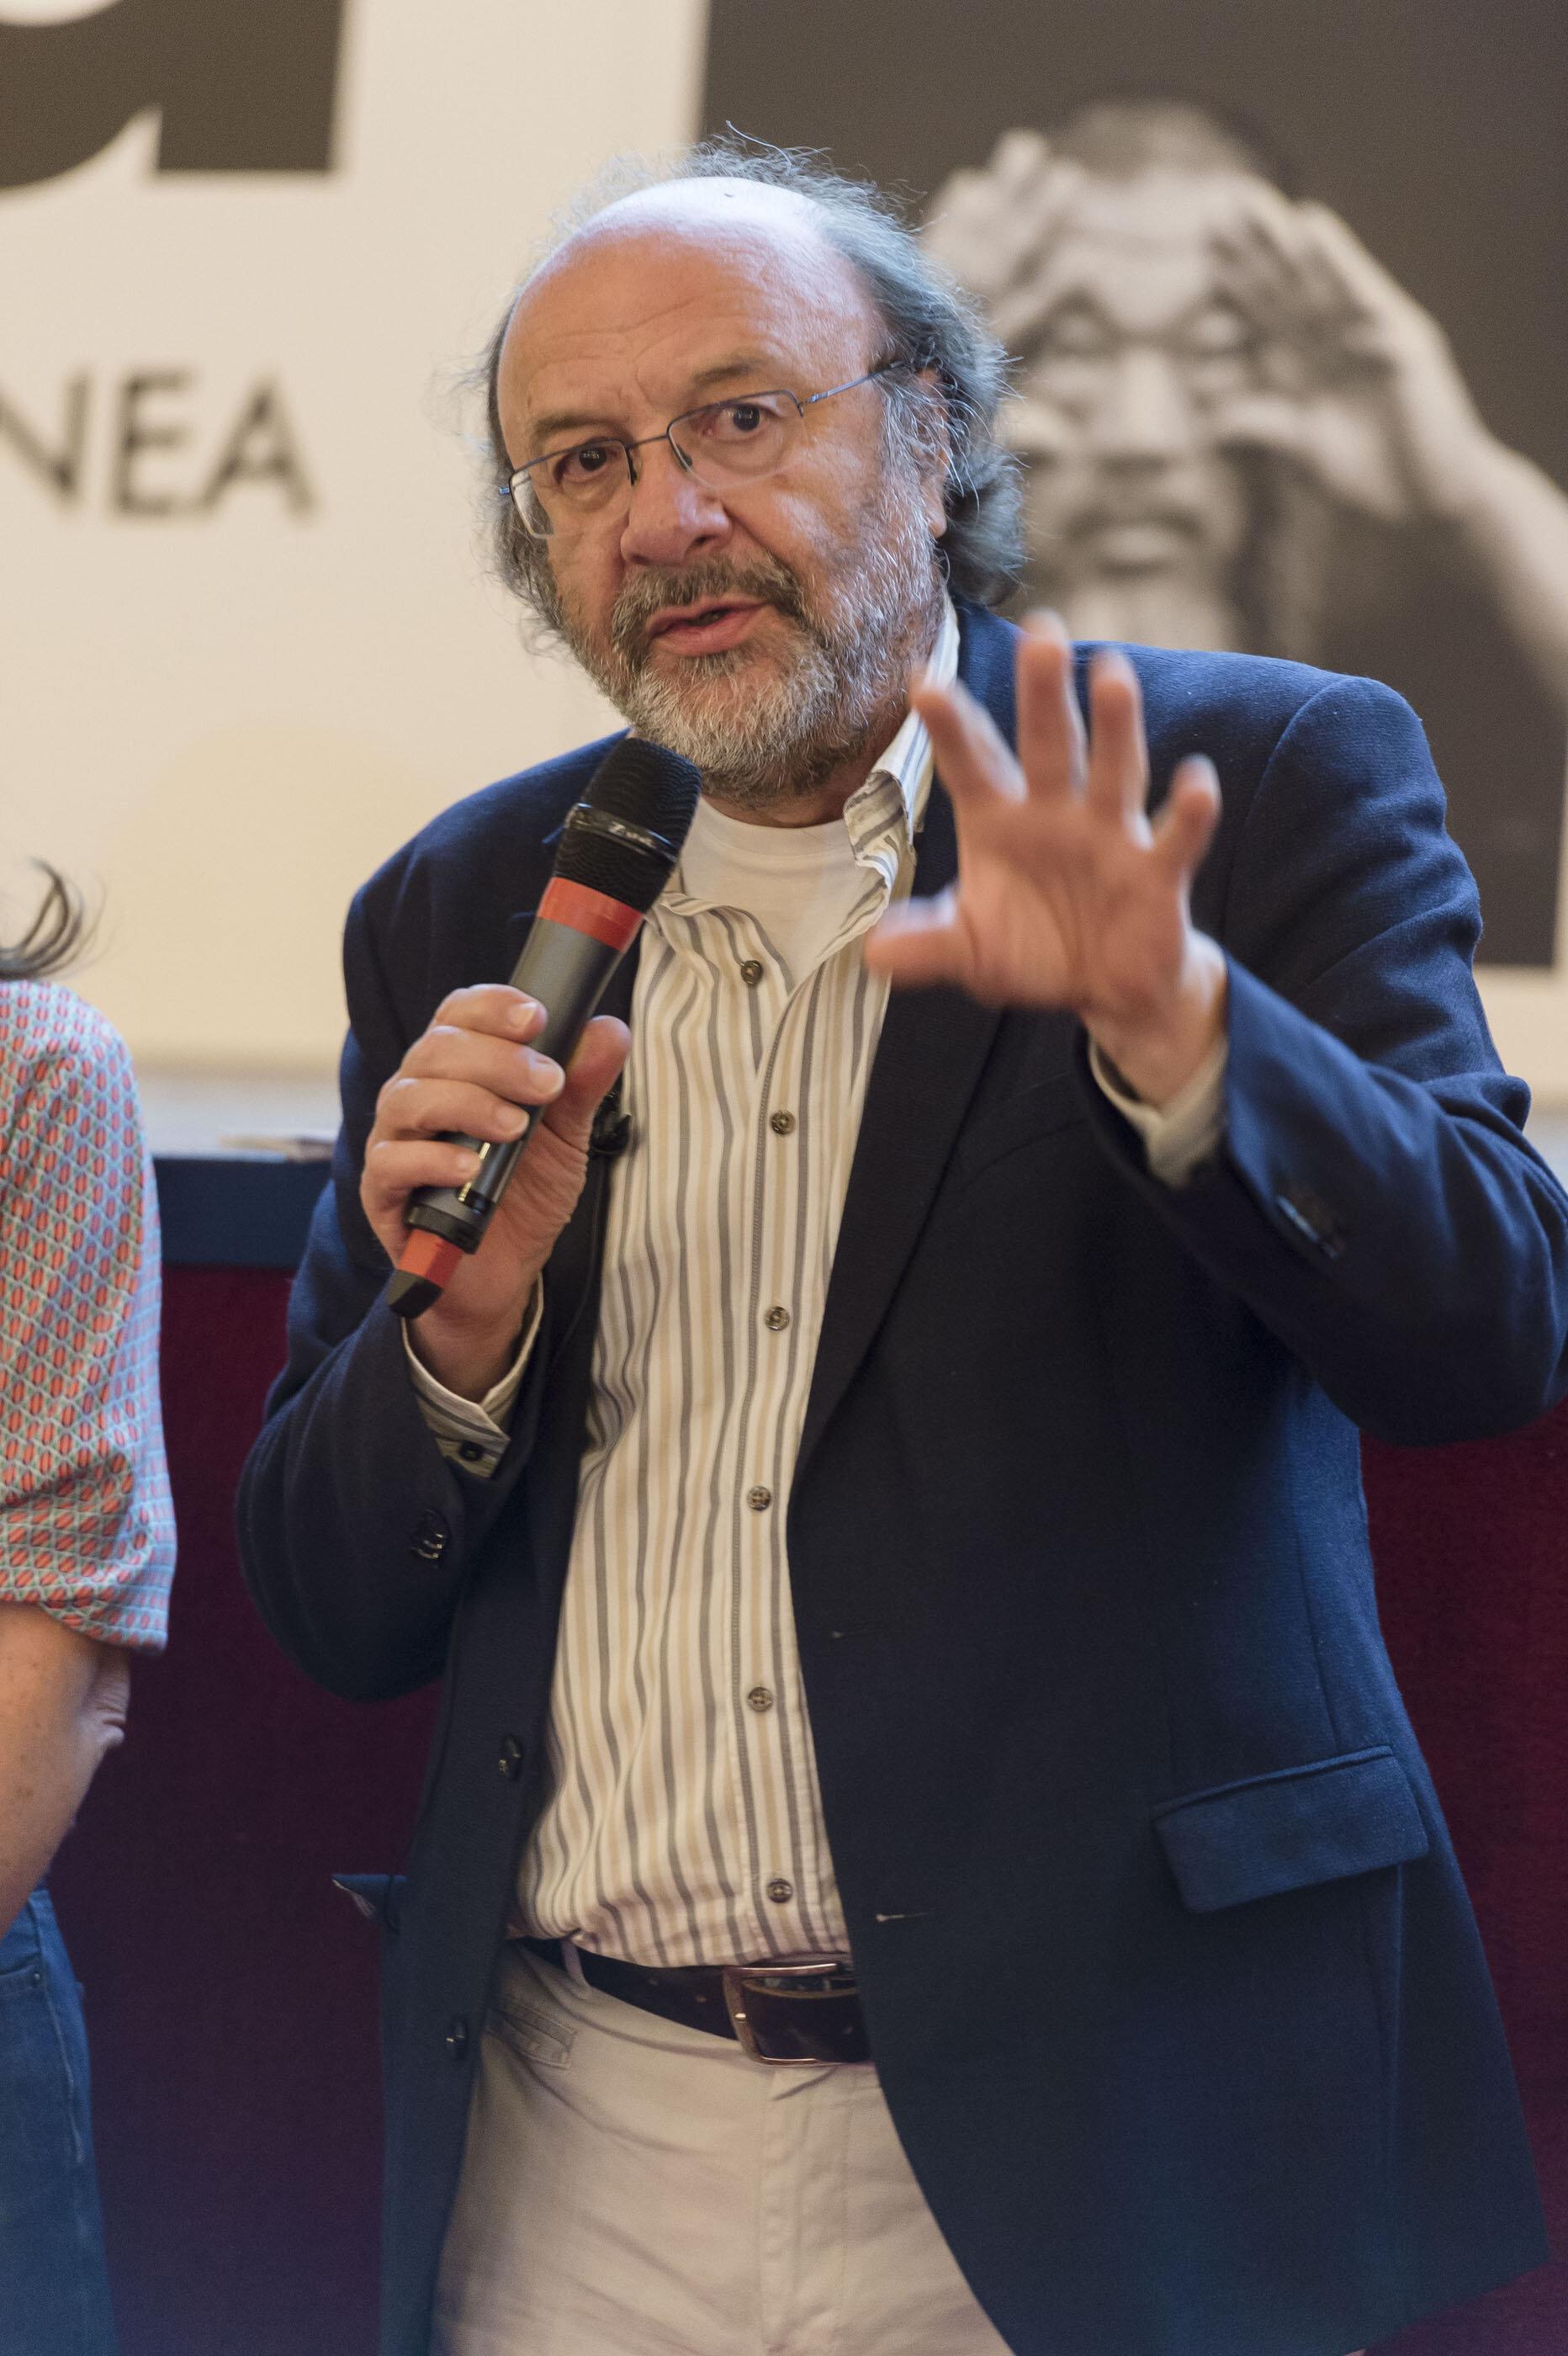 Artecinema 2019_ph Francesco Squeglia_9338.jpg